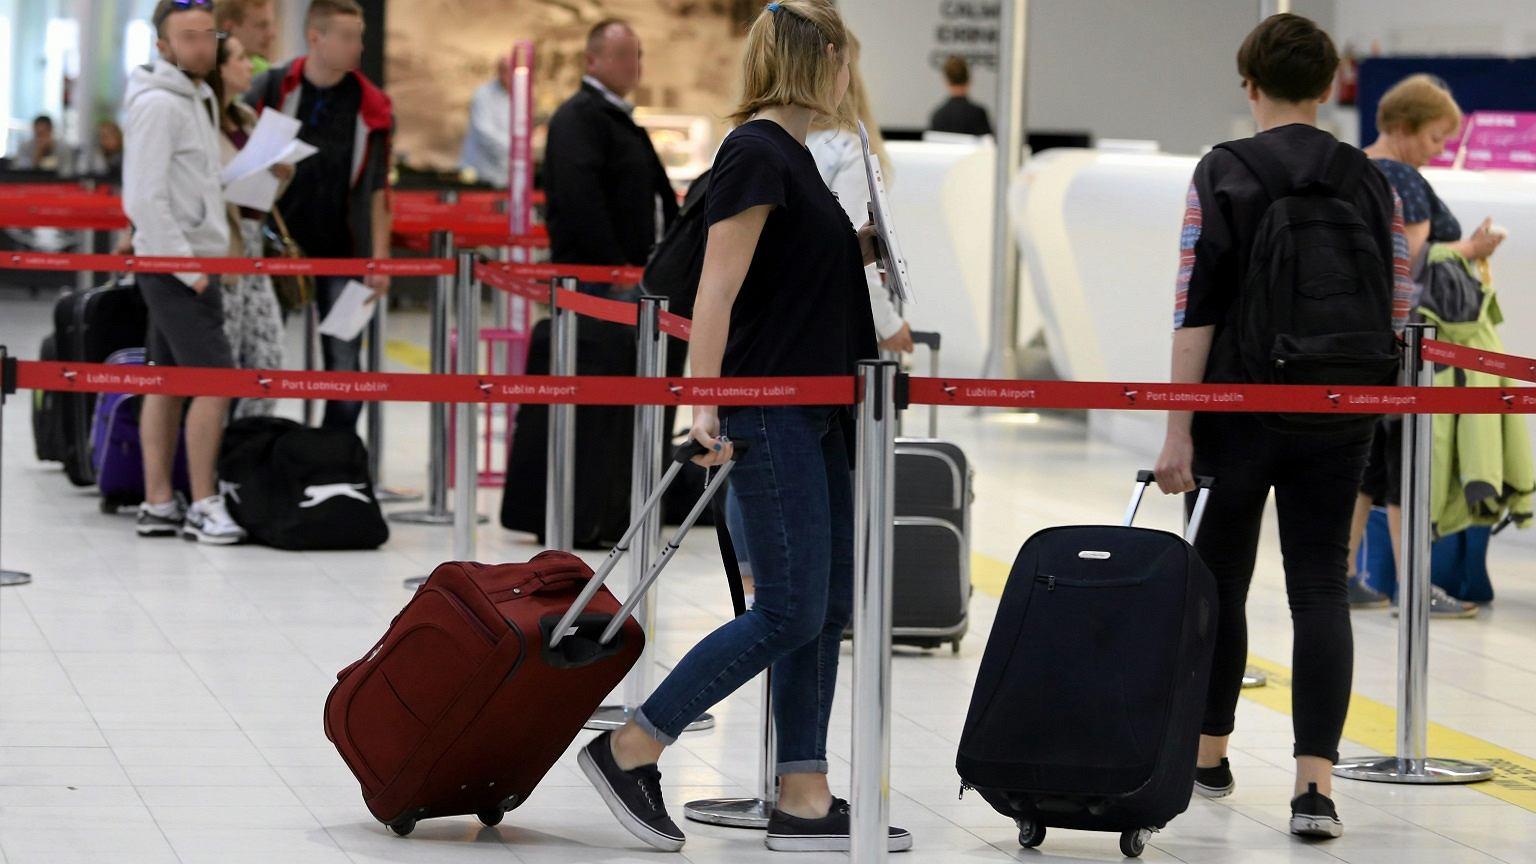 W czasach, kiedy wszyscy podróżują, są osoby, które tego nie robią